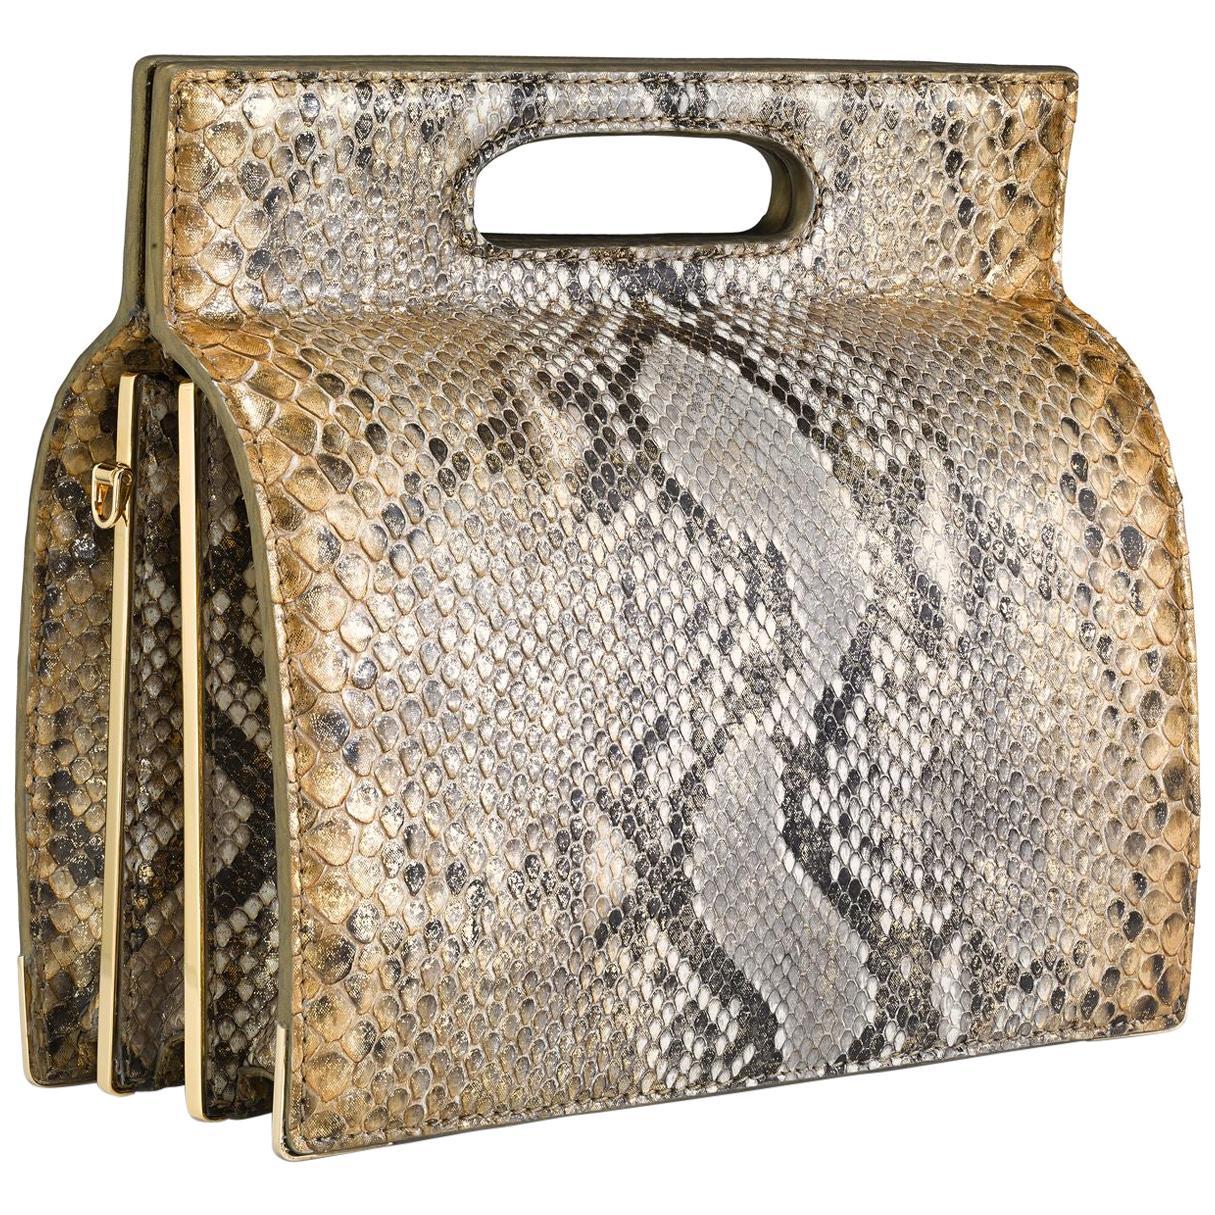 TYLER ELLIS Stella Handbag Tall Metallic Gold Natural Python Gold Hardware